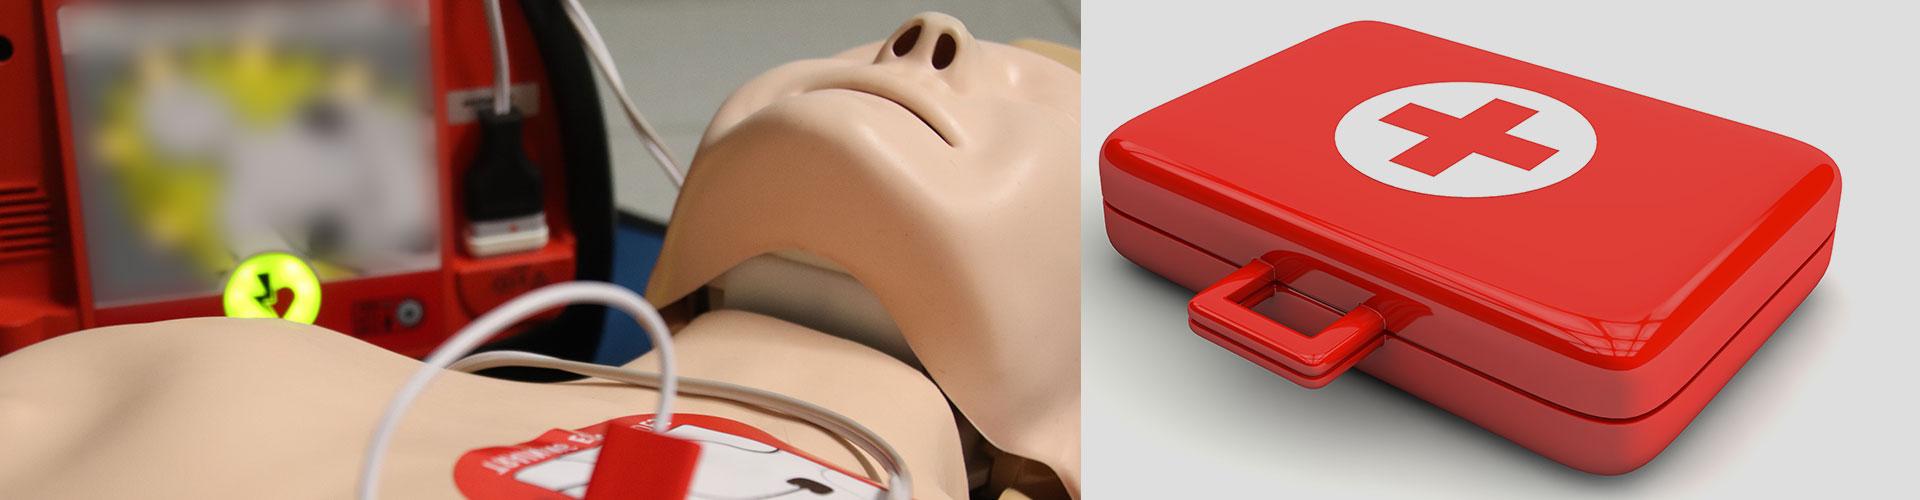 Corso di aggiornamento per addetto emergenze primo soccorso gruppo A (6 ore)